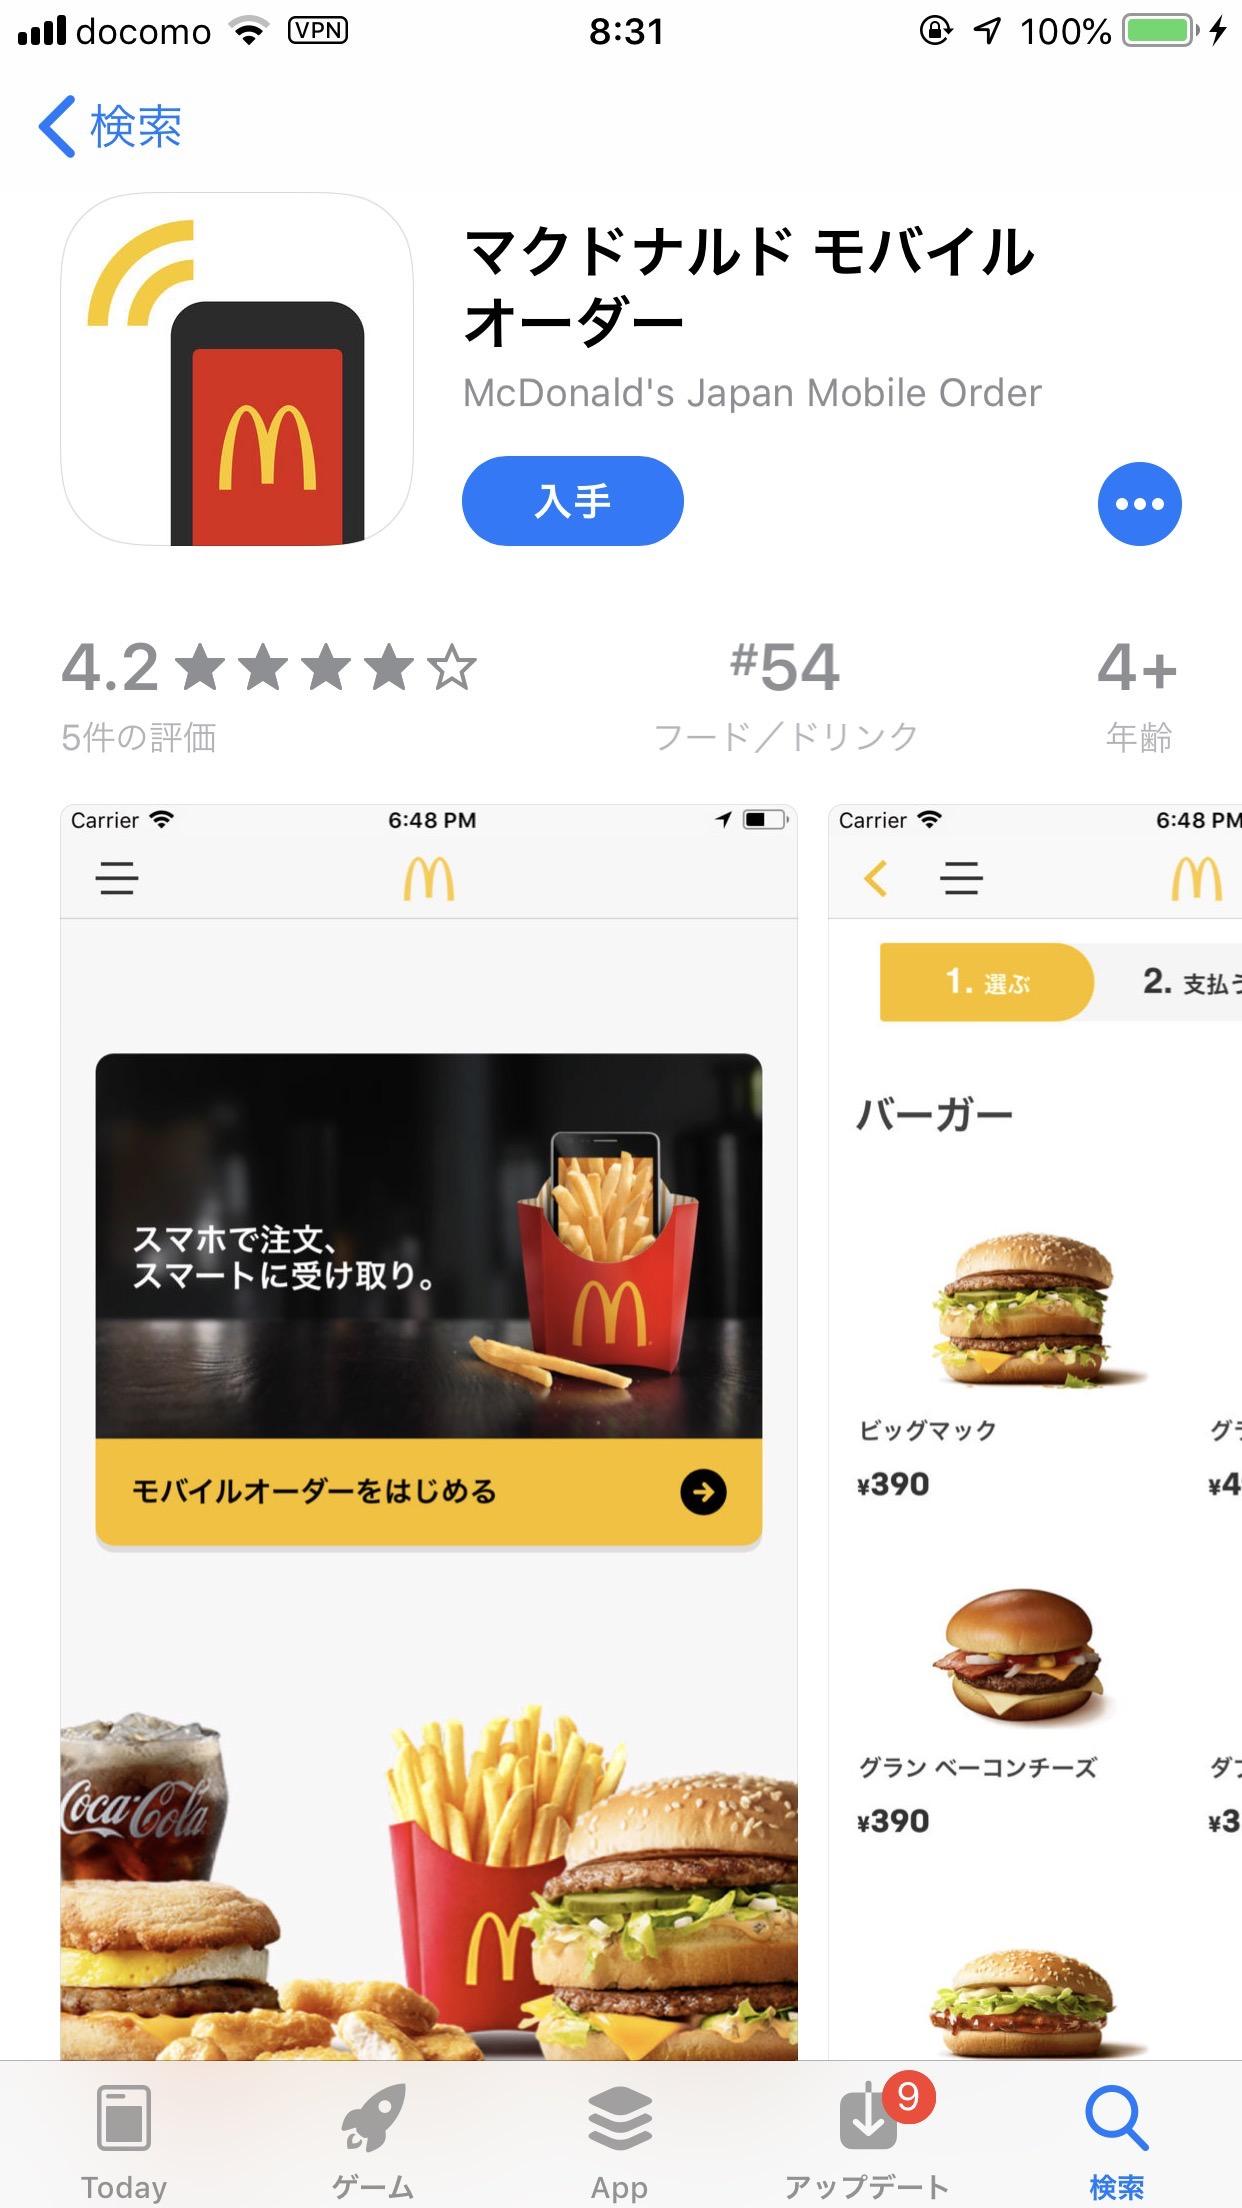 マクドナルド「モバイルオーダー」アプリ